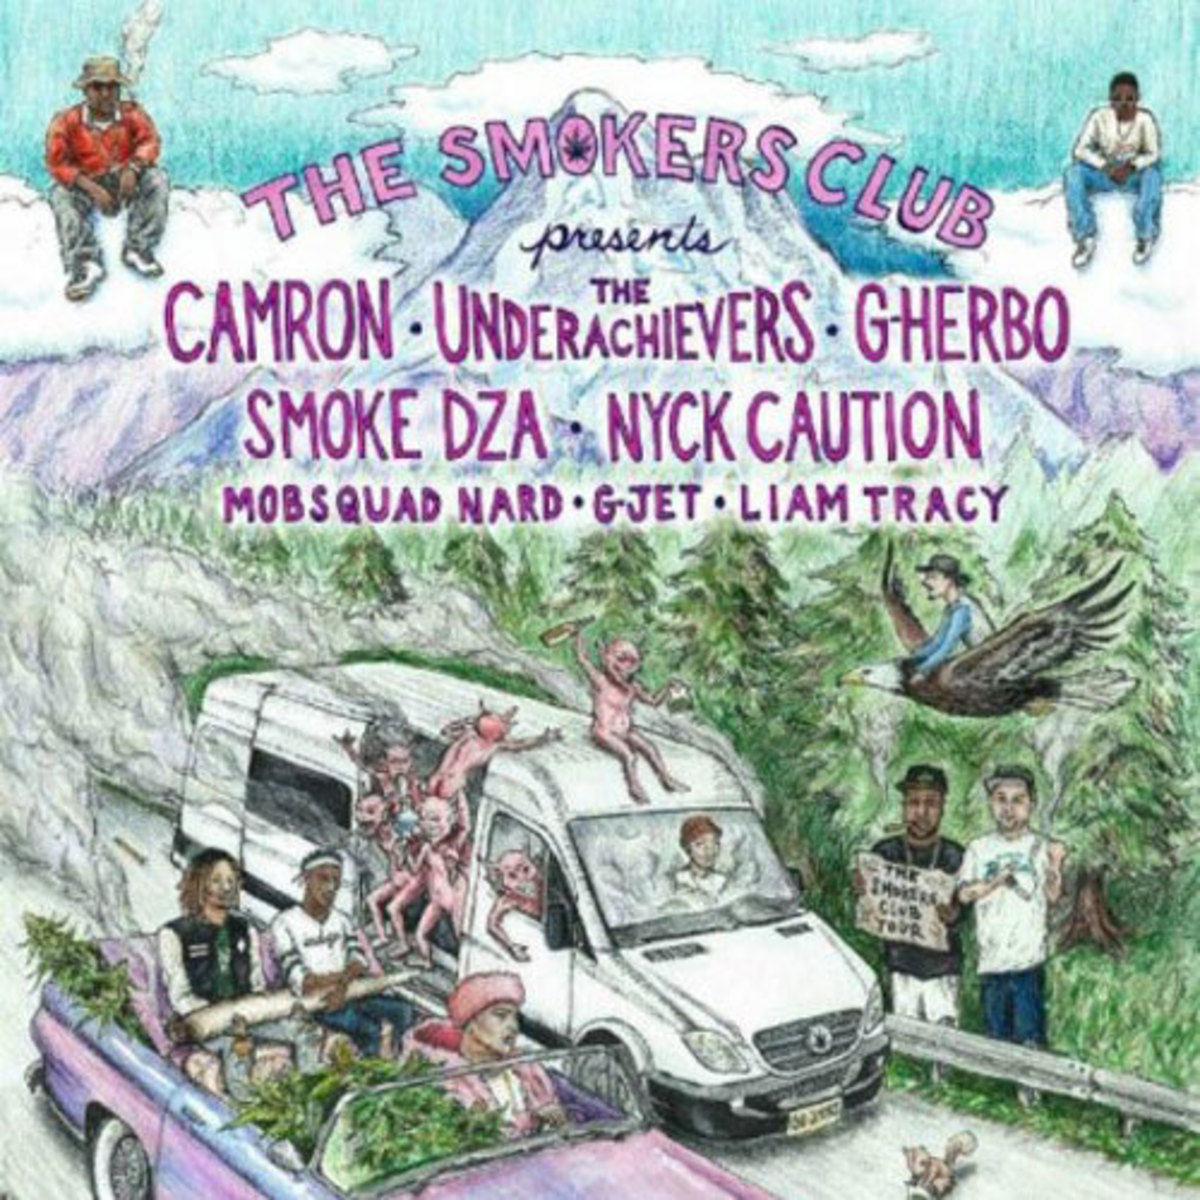 underachievers-smokers-club-tour.jpg